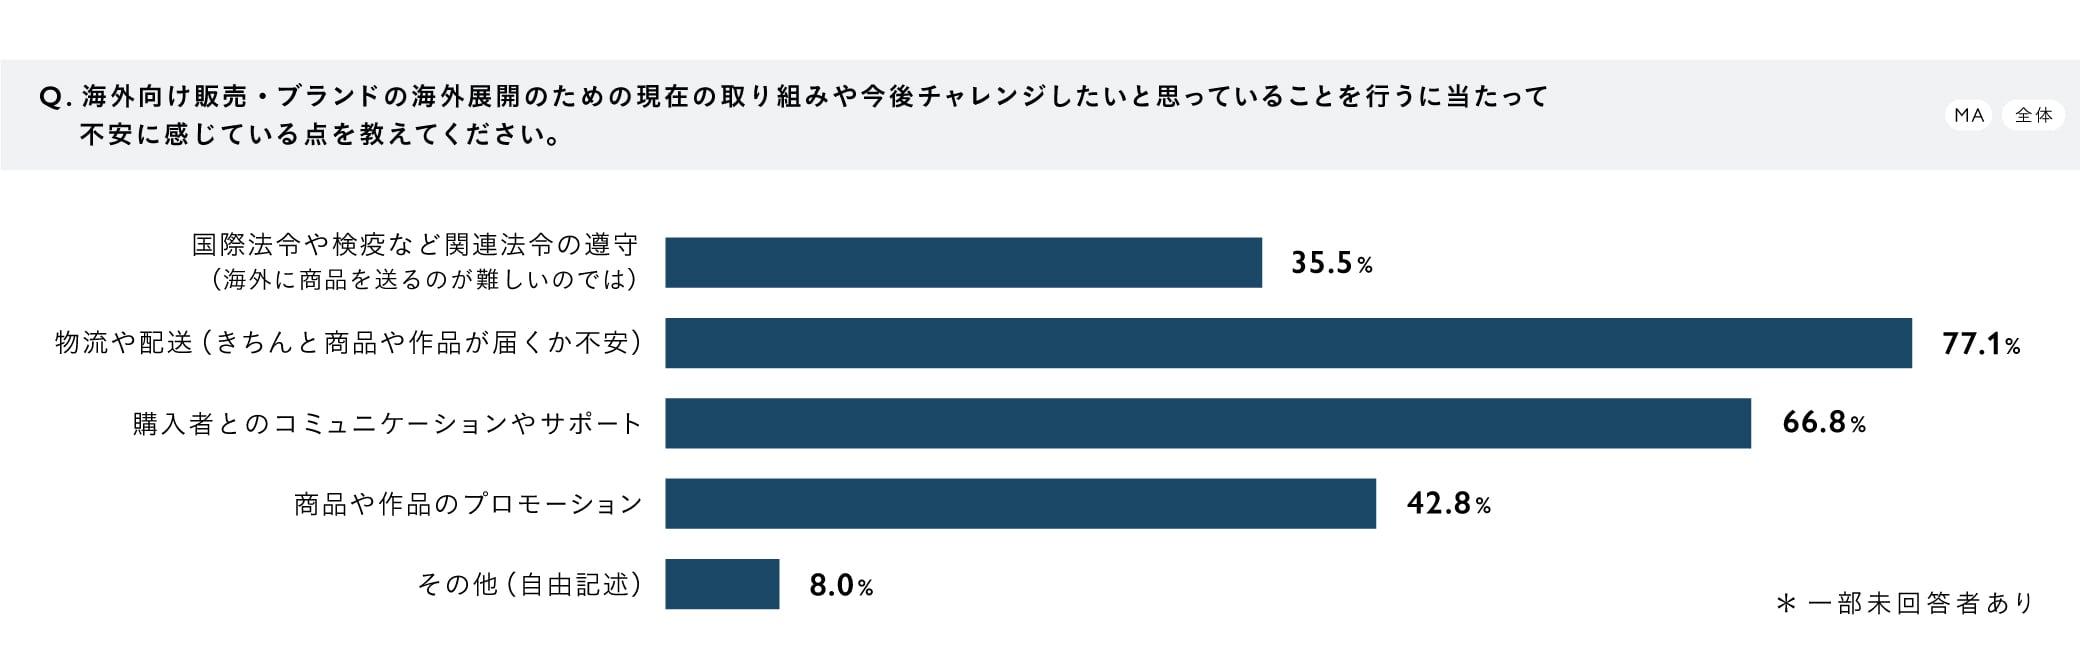 【調査結果グラフ】『作り手の海外展開・販売に関する意識調査』Q3.海外向け販売・ブランドの海外展開のための現在の取り組みや今後チャレンジしたいと思っていることを行うにあたって不安に感じている点を教えてください。(MA/全体) A.国際法令や権益など関連法令の遵守(海外に商品を送るのが難しいのでは):35.5%、物流や配送(きちんと商品や作品が届くか不安):77.1%、購入者とのコミュニケーションやサポート:66.8%、商品や作品のプロモーション:42.8%、その他(自由記述):8.0% ※一部未回答者あり